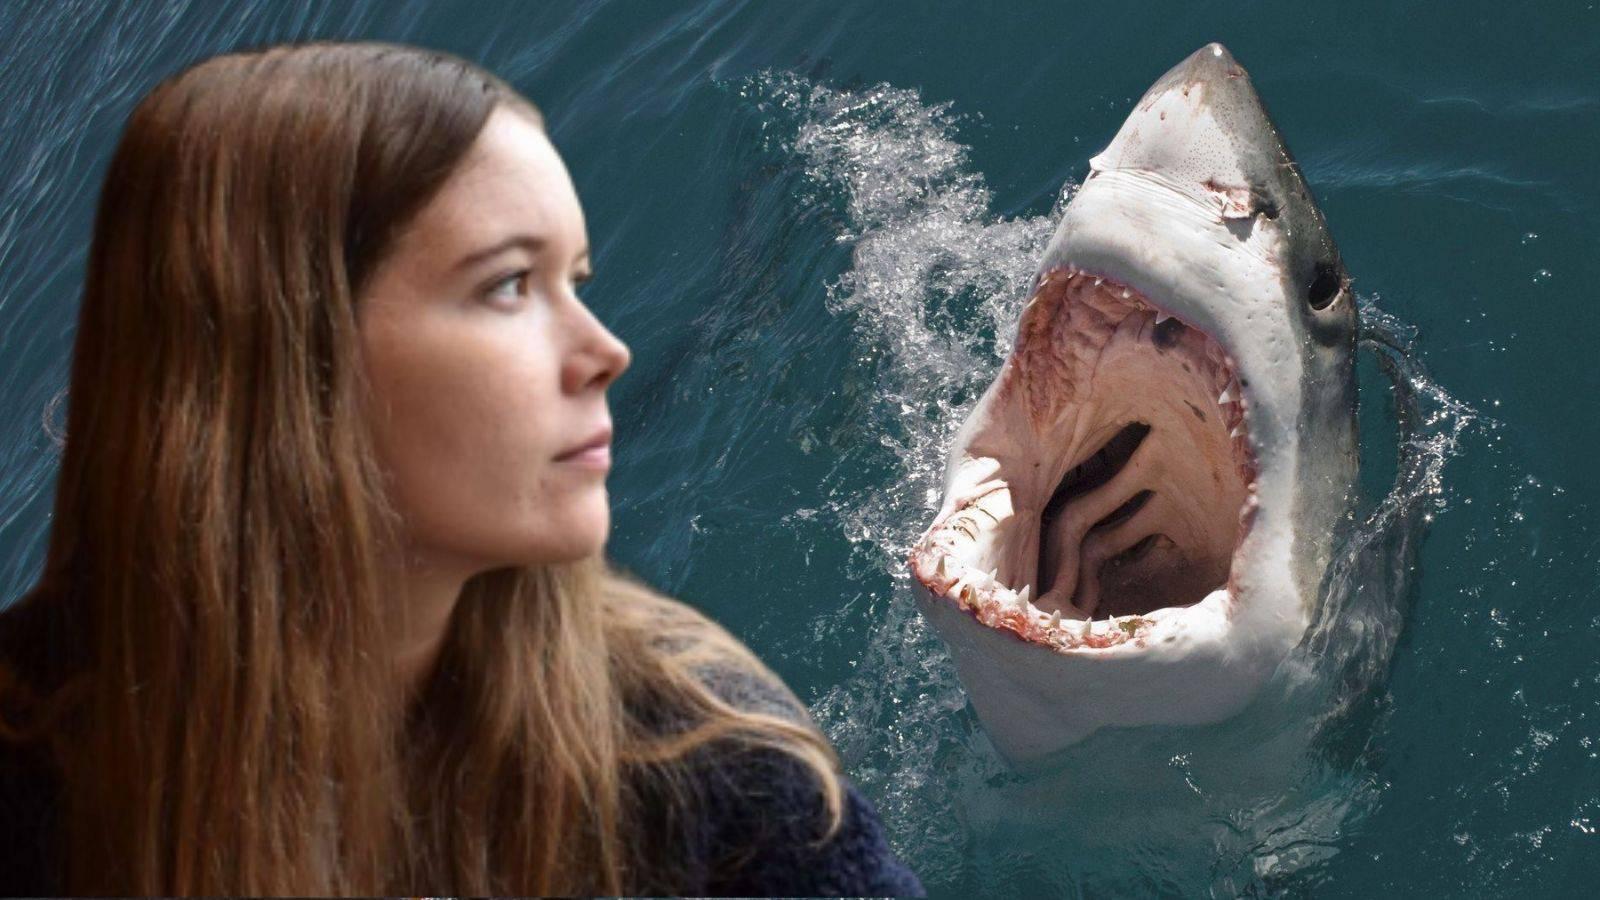 Morski psi ubili djevojku: 'Moja žena ju je izvukla, bio je horor'